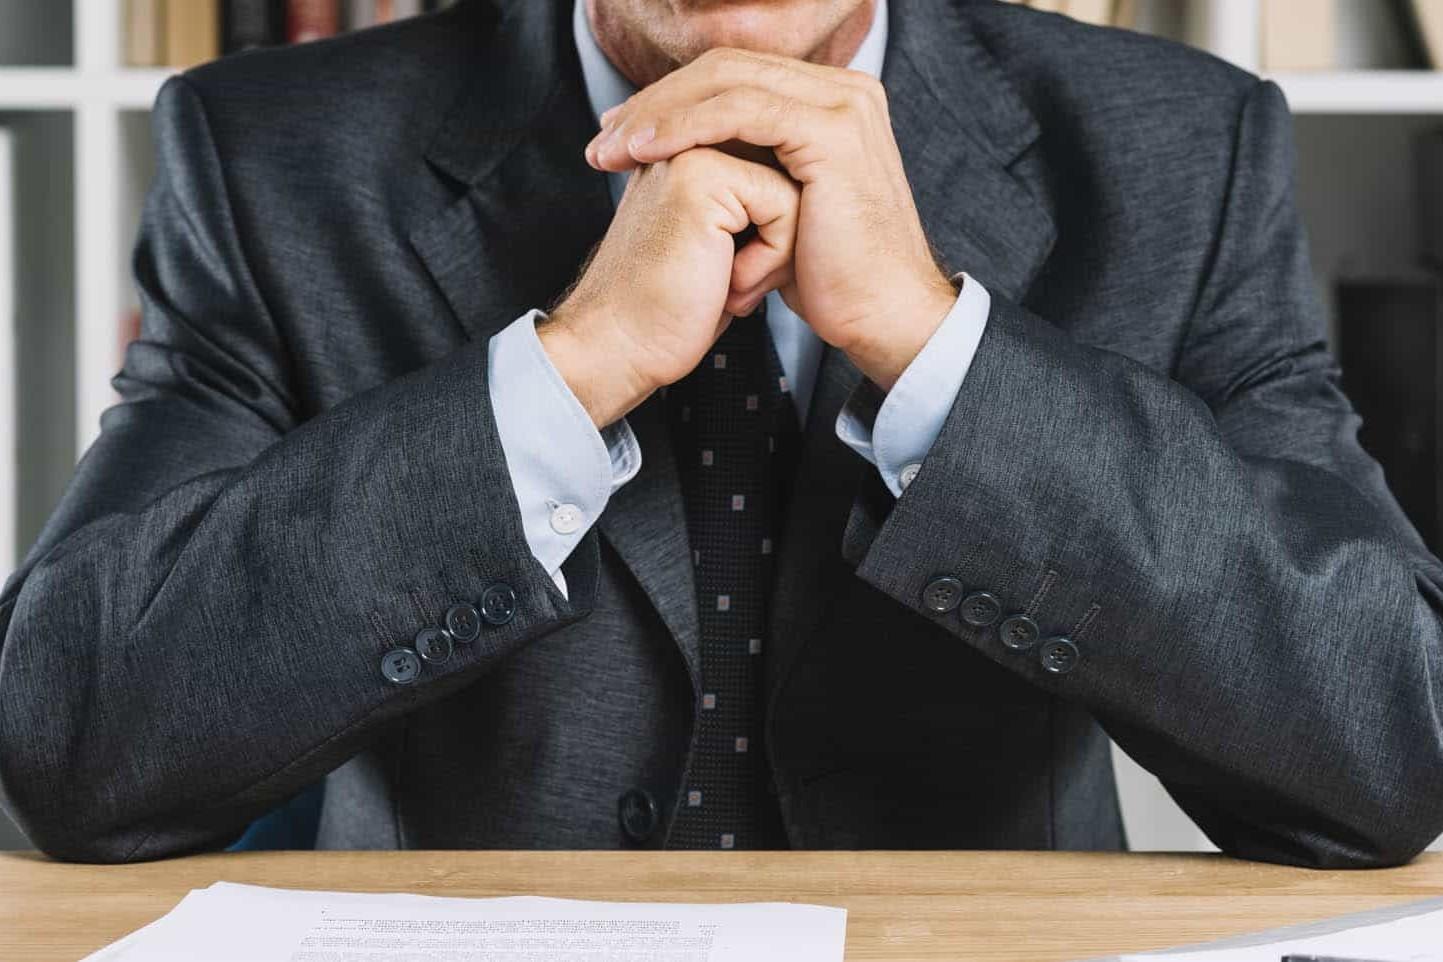 Imprenditore in giacca e cravatta seduto alla scrivania in atteggiamento pensieroso: soffre di solitudine dell'imprenditore